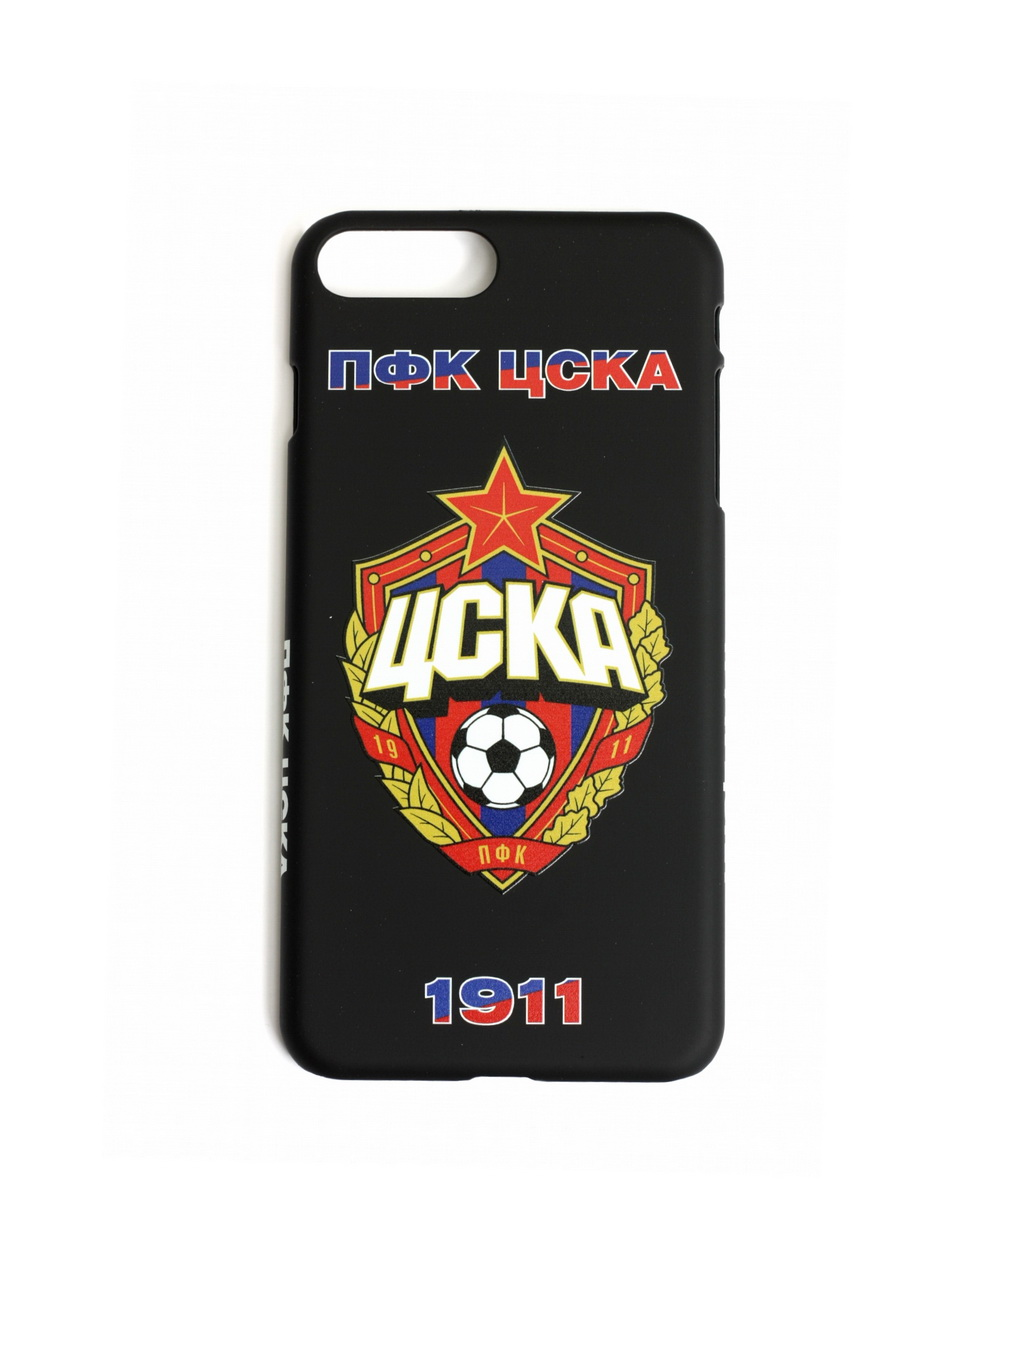 Клип-кейс ПФК ЦСКА 1911 для iPhone 7+/8+ чёрный фото